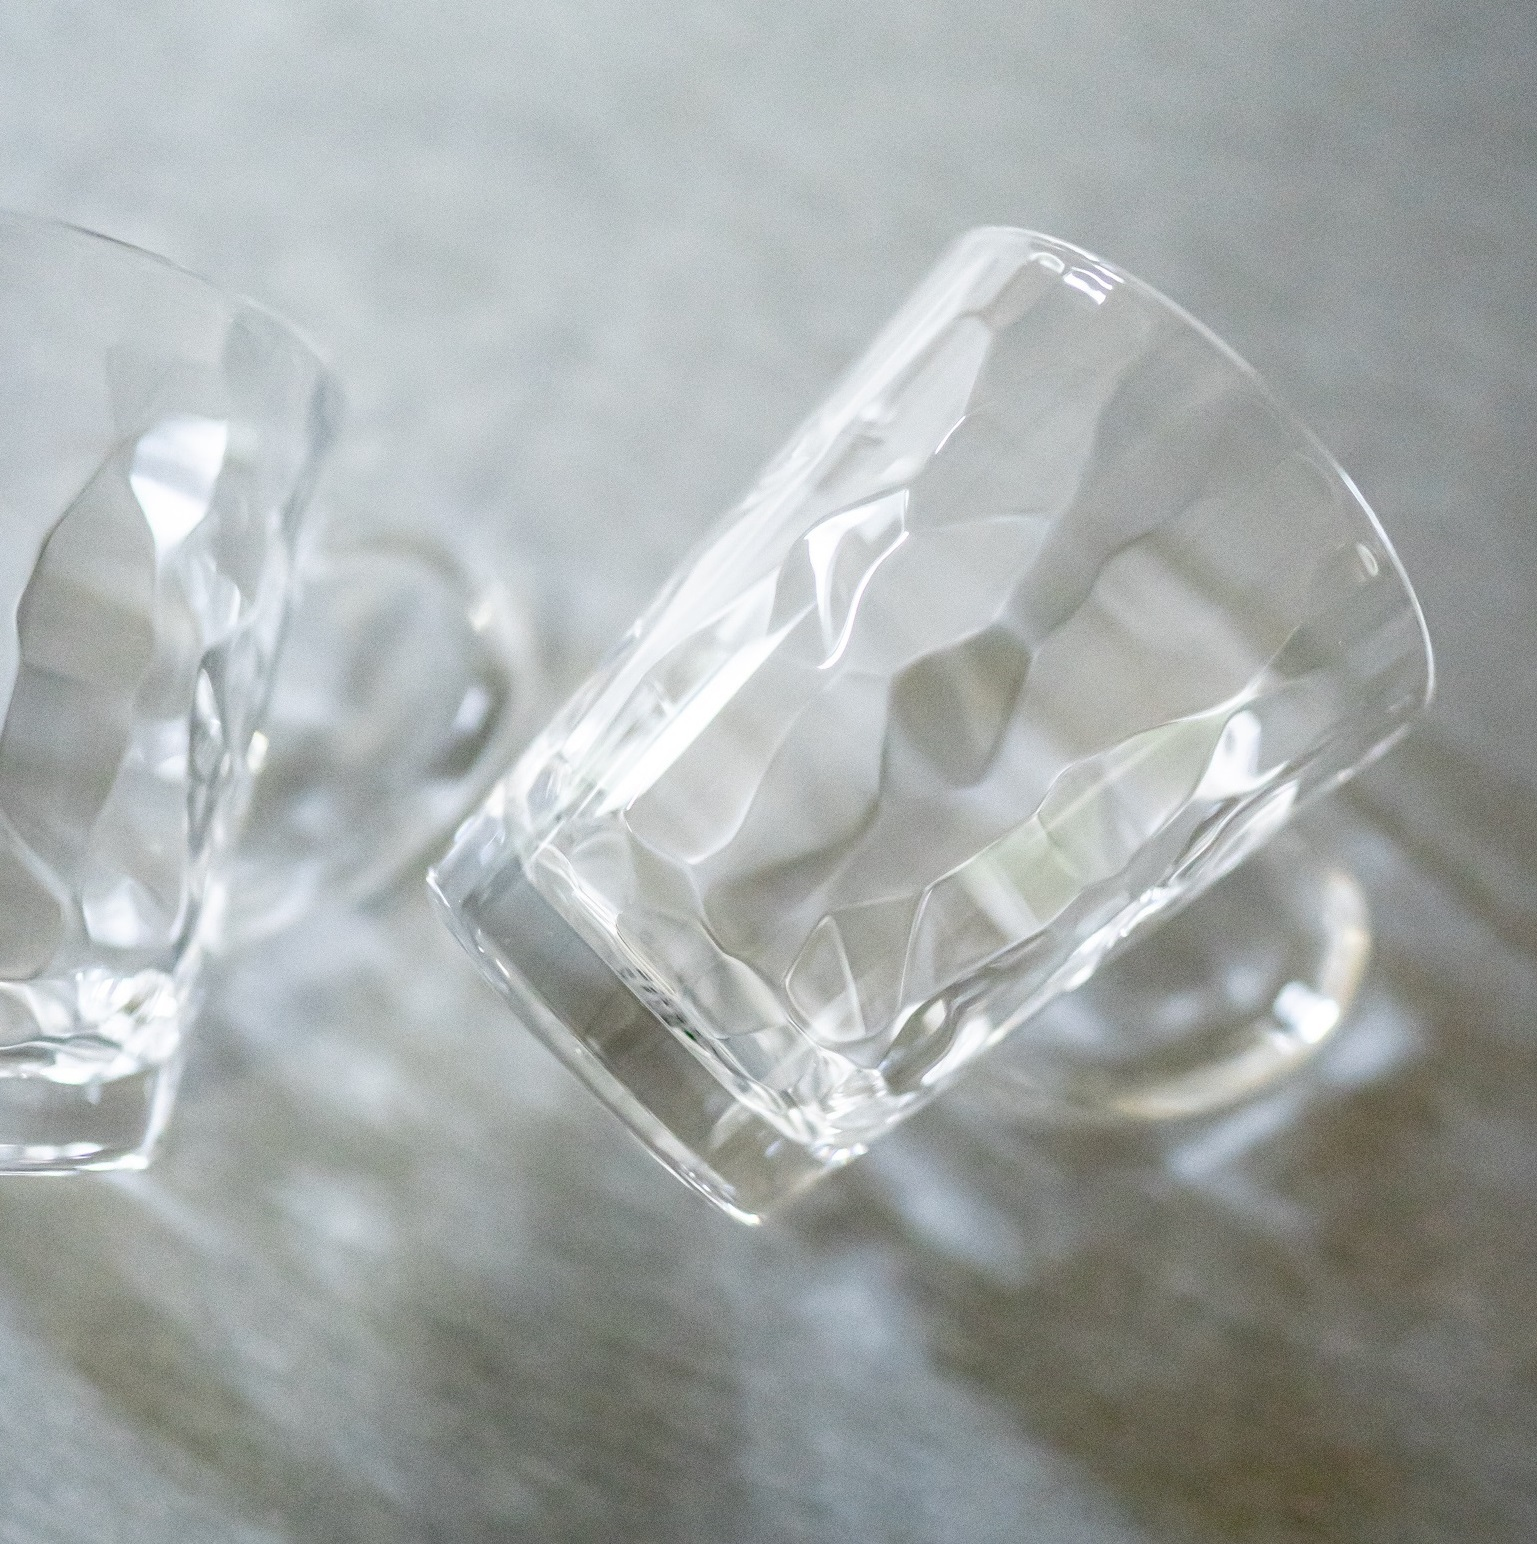 【再入荷】アクリル製 透明マグ( 300ml )